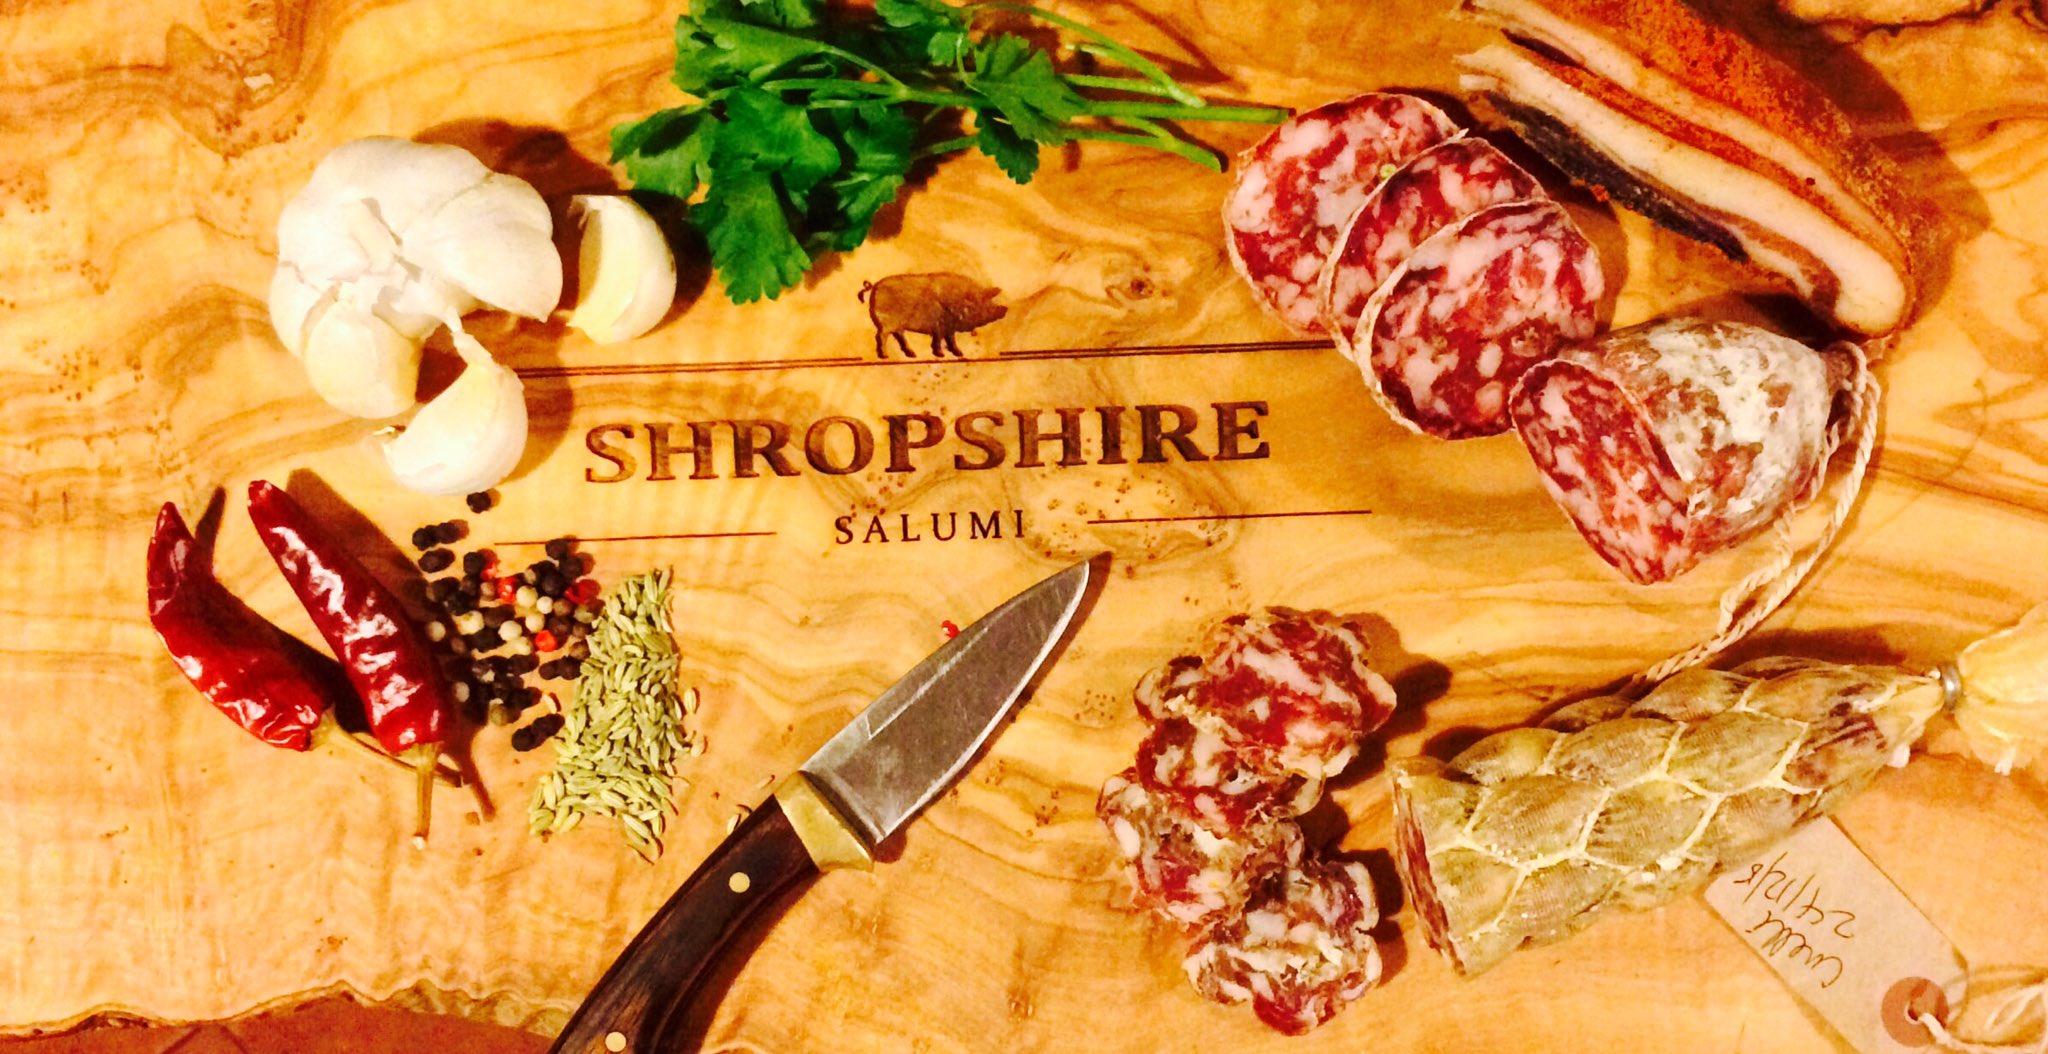 Shropshire Salumi